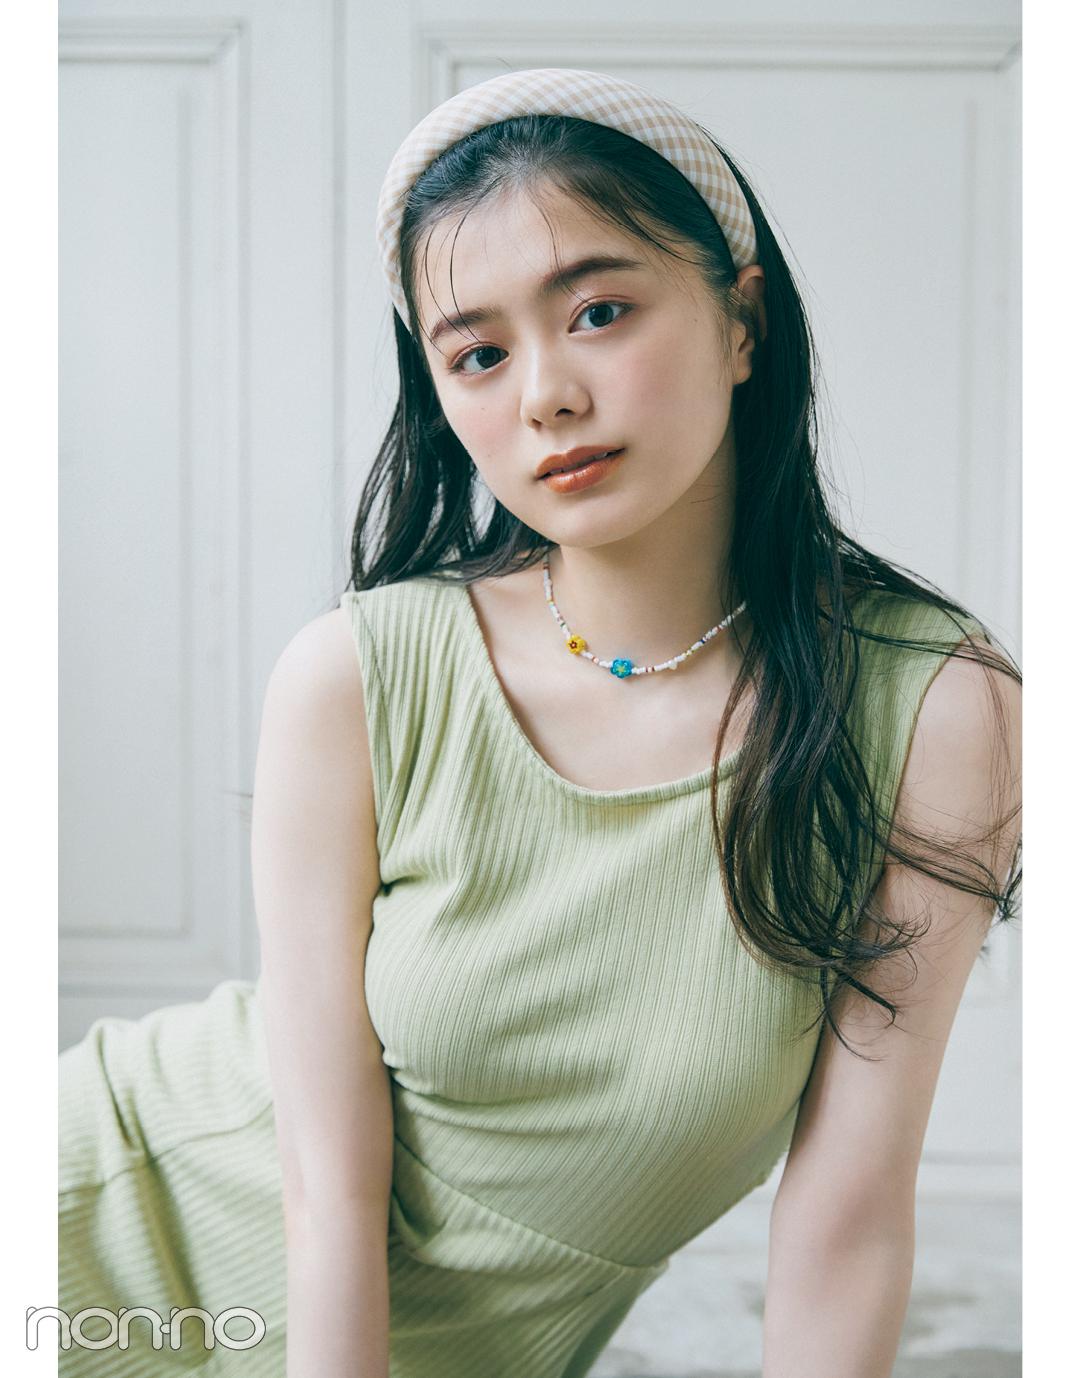 紺野彩夏のプチプラアクセサリー『太カチューシャ×フラワービーズネックレス』モデルカット1-1